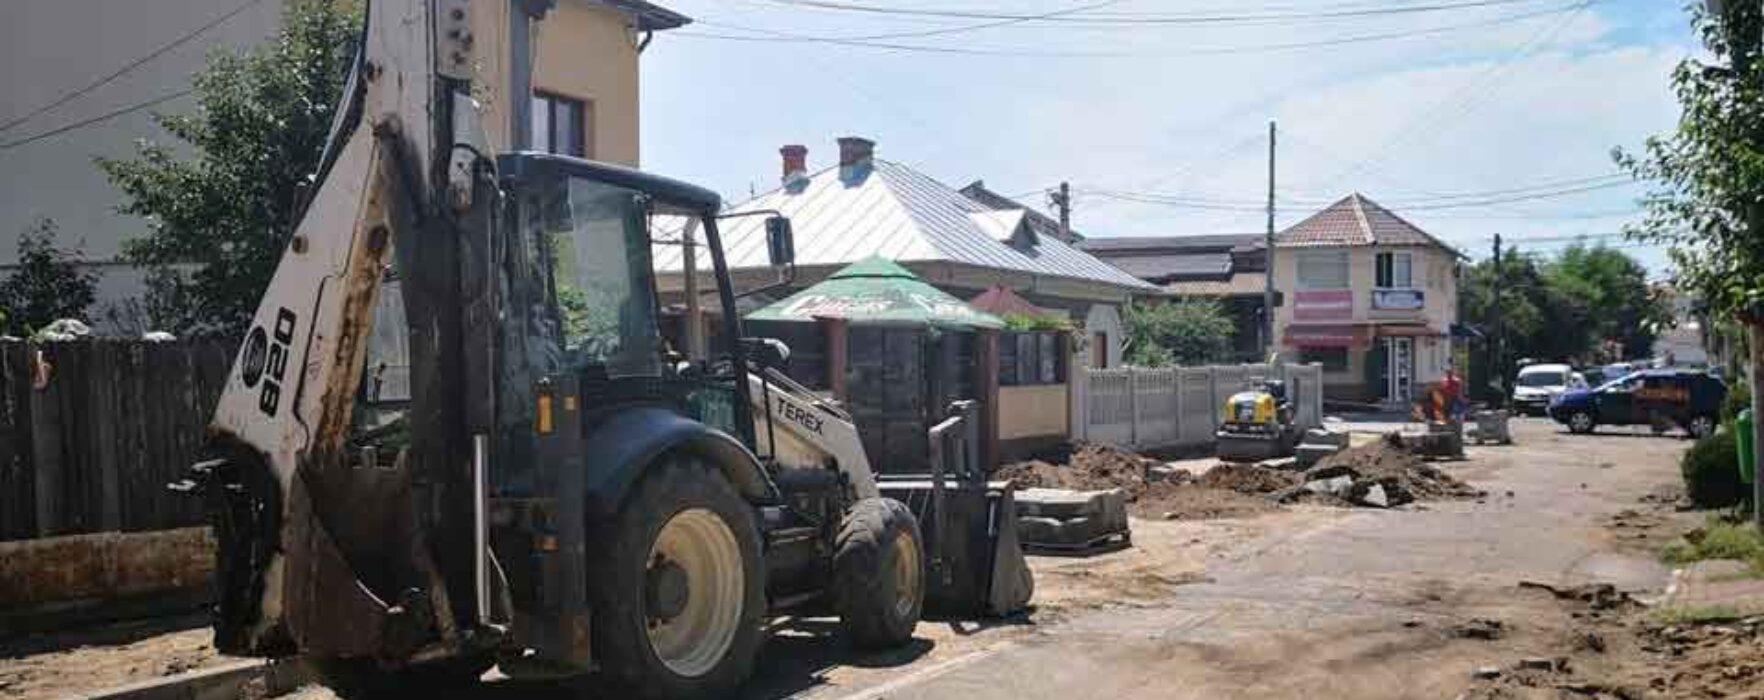 Târgovişte: Restricţii de circulaţie pe Strada Cetăţii, se fac lucrări de asfaltare